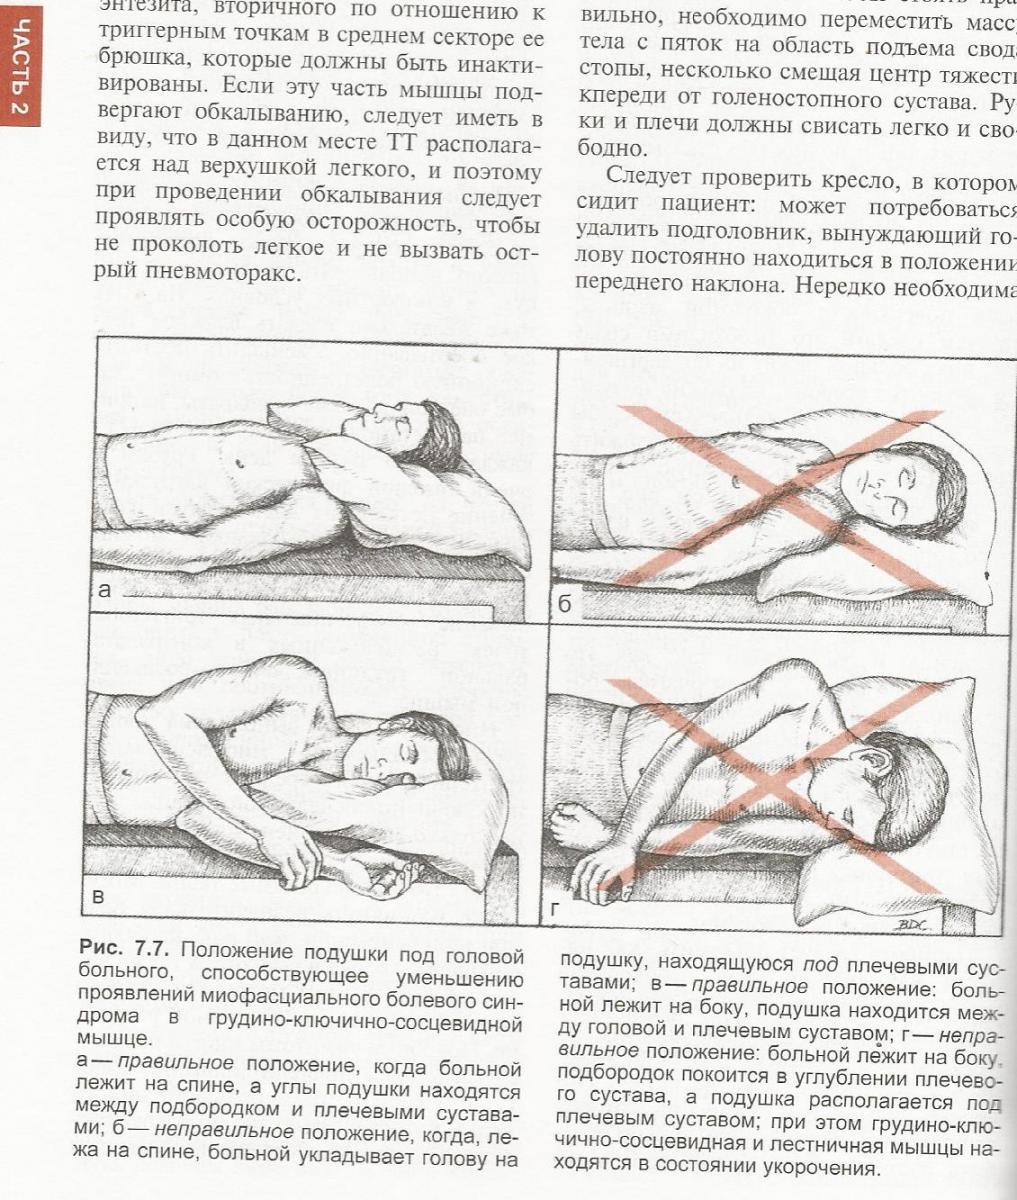 Боль в суставах интоксикация выс боль в плечевом тазобедренном коленном суставе причины